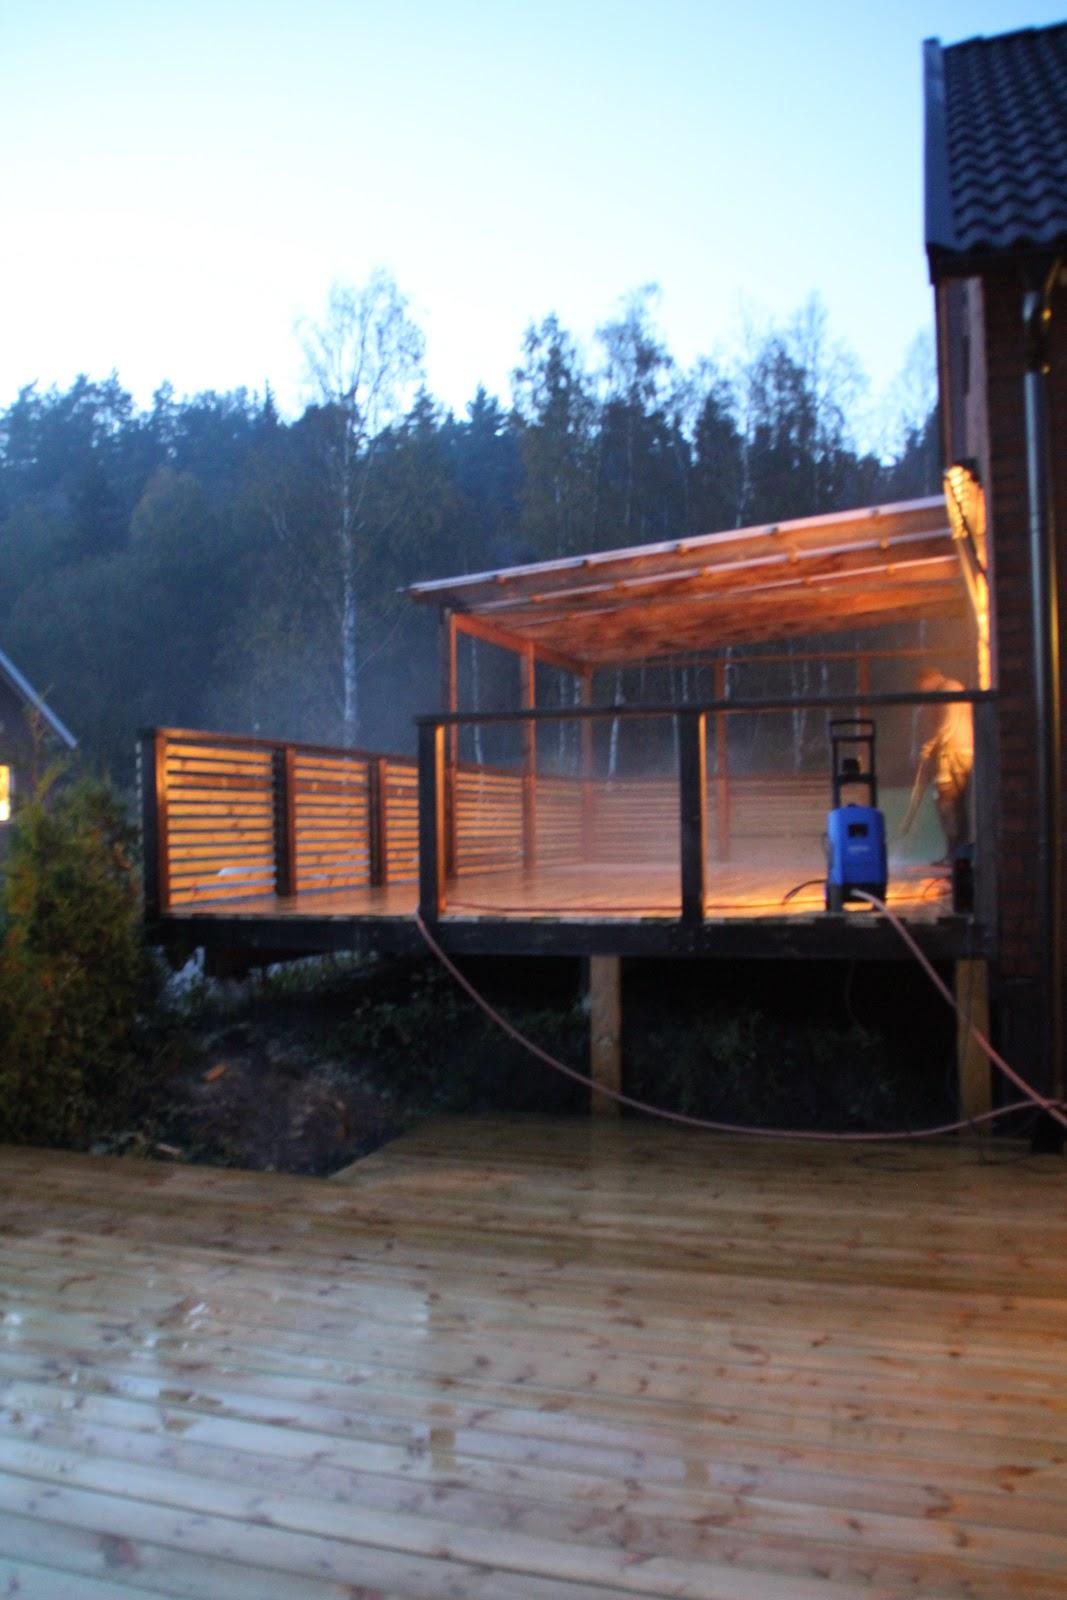 Bellas väg tillbaka: dagens projekt   bygga altan och räcke